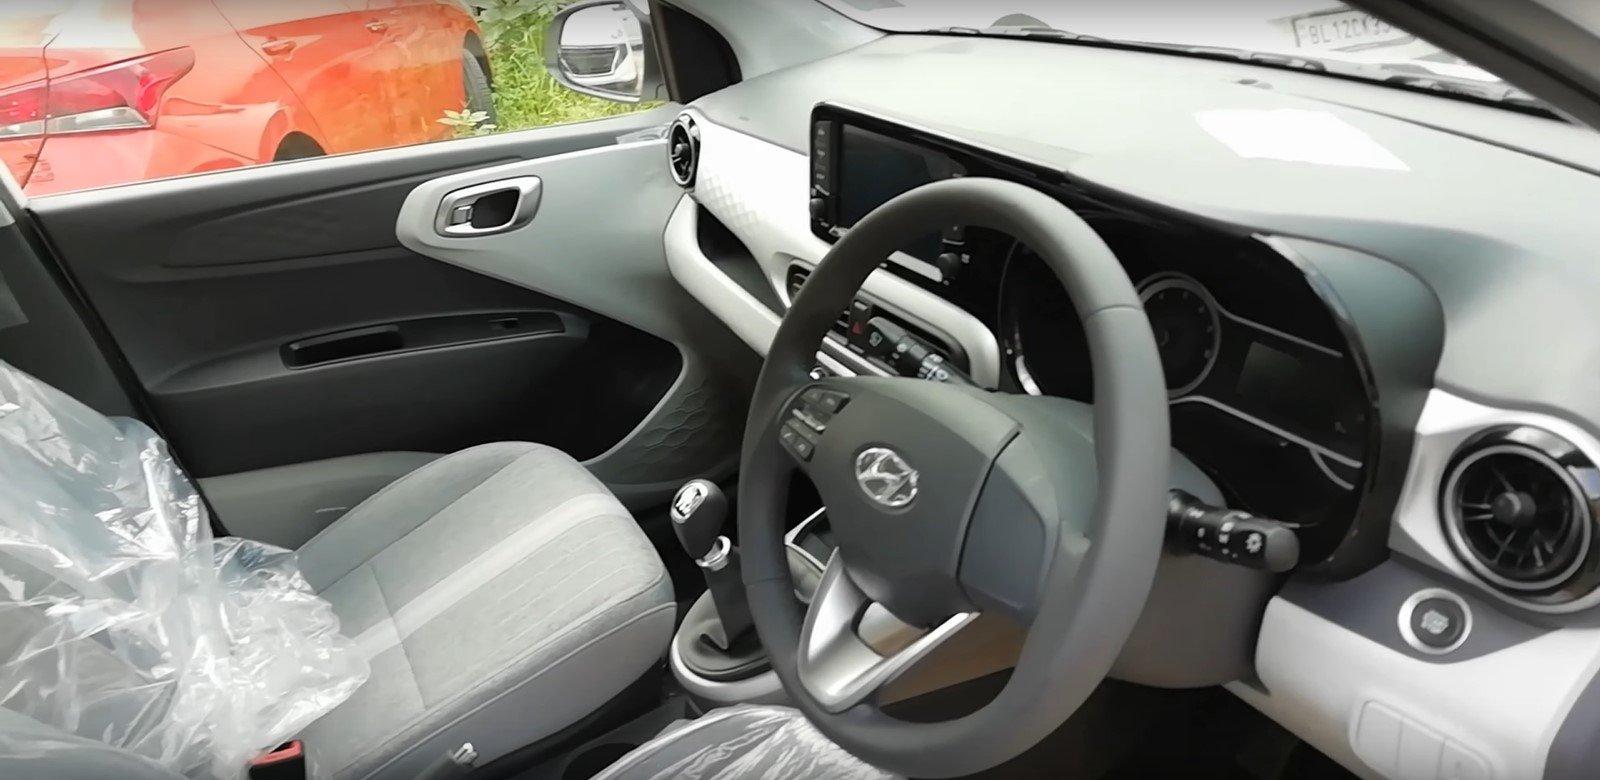 Hyundai Grand i10 2020 lộ ảnh thực tế đầy mới mẻ trước ngày ra mắt a3